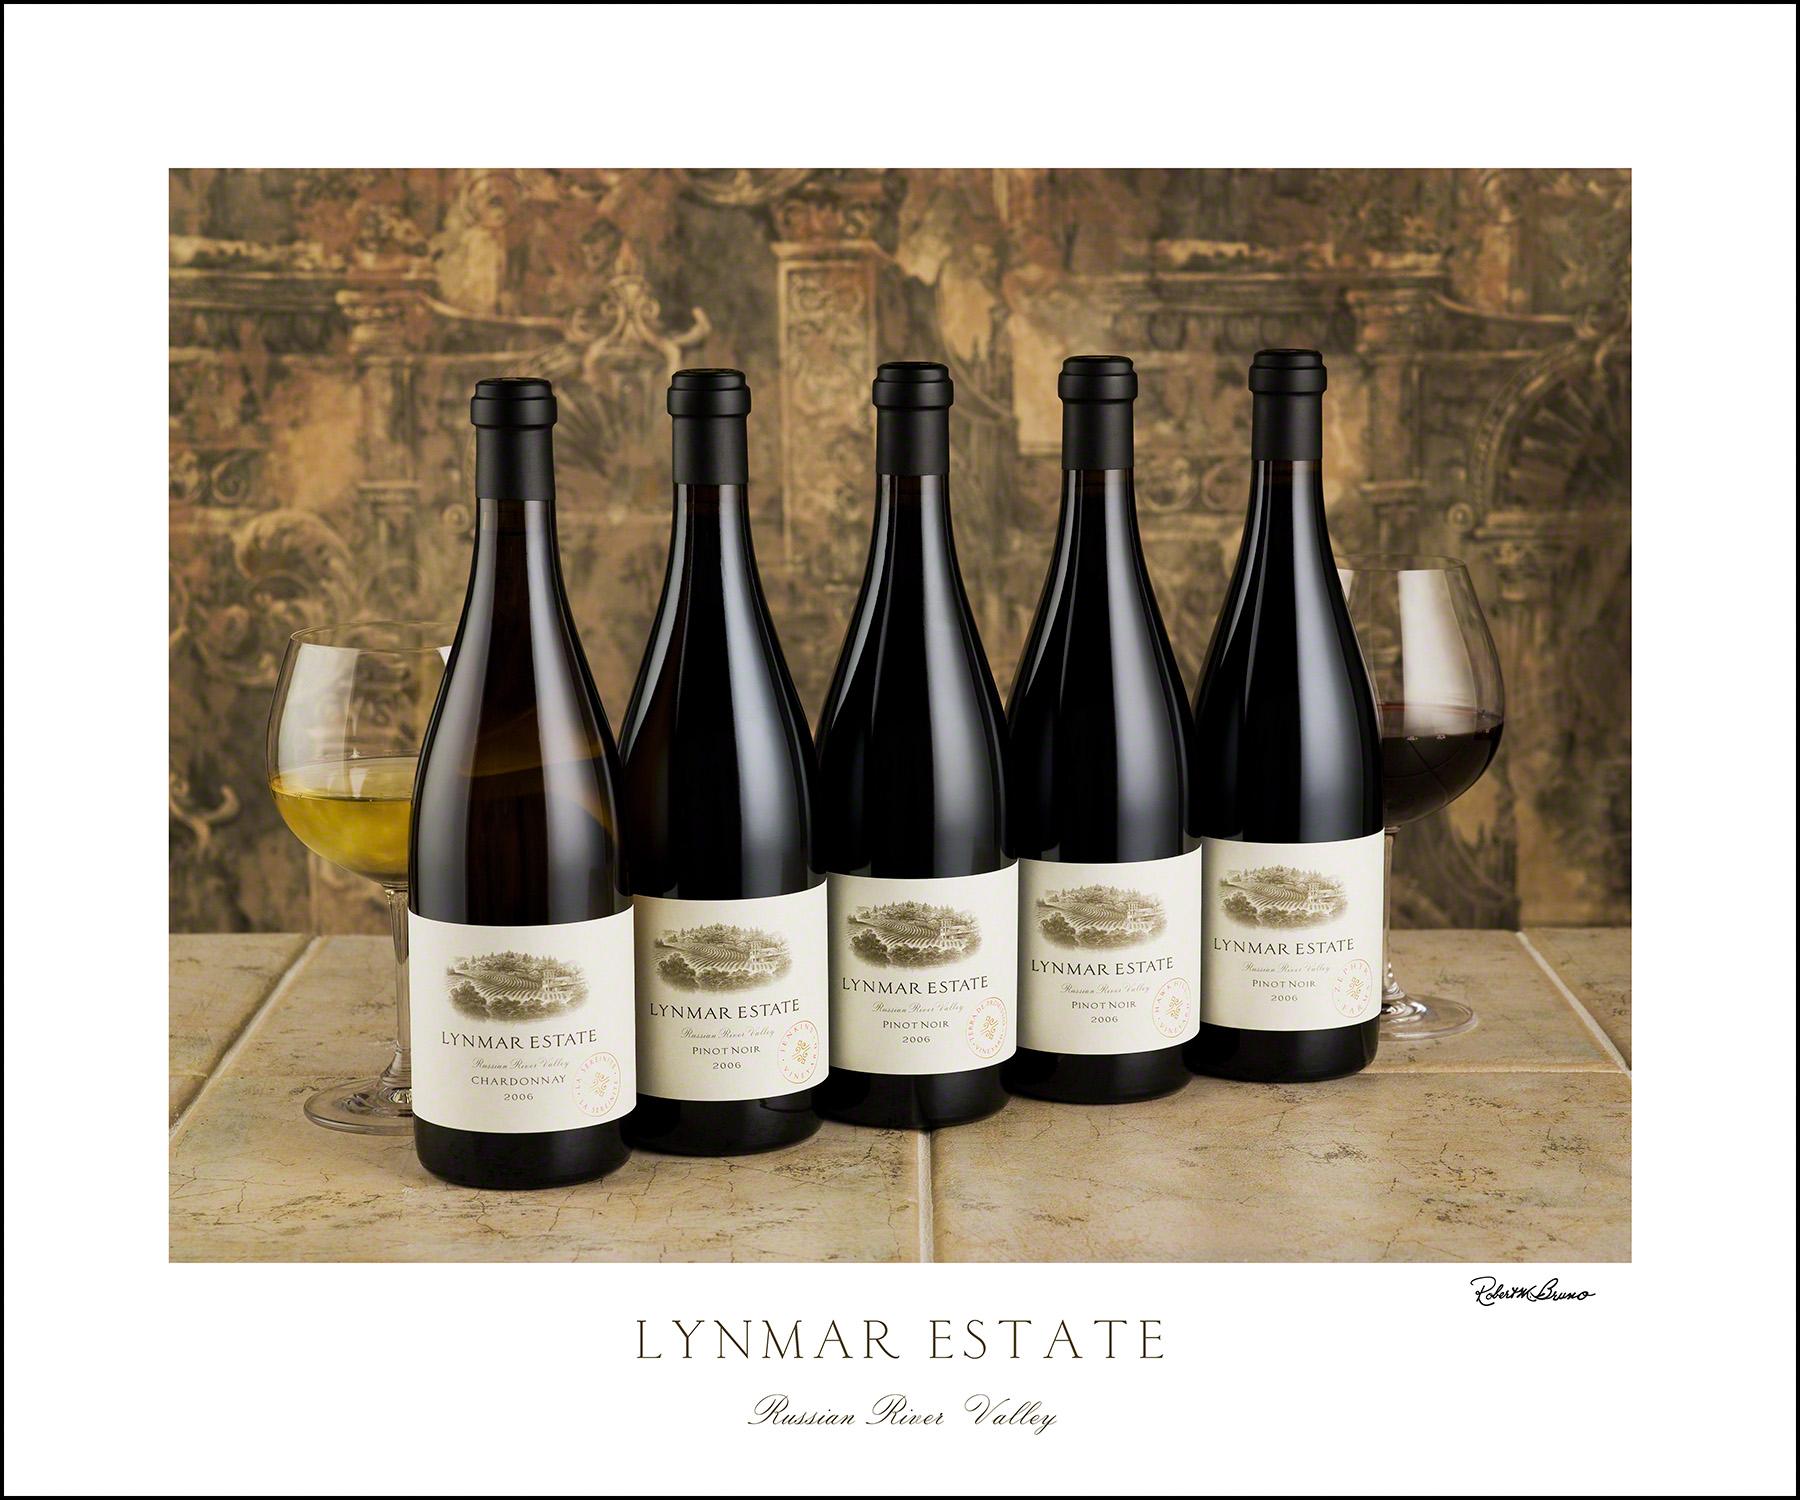 Lynmar Estate Poster OK 20x24.jpg